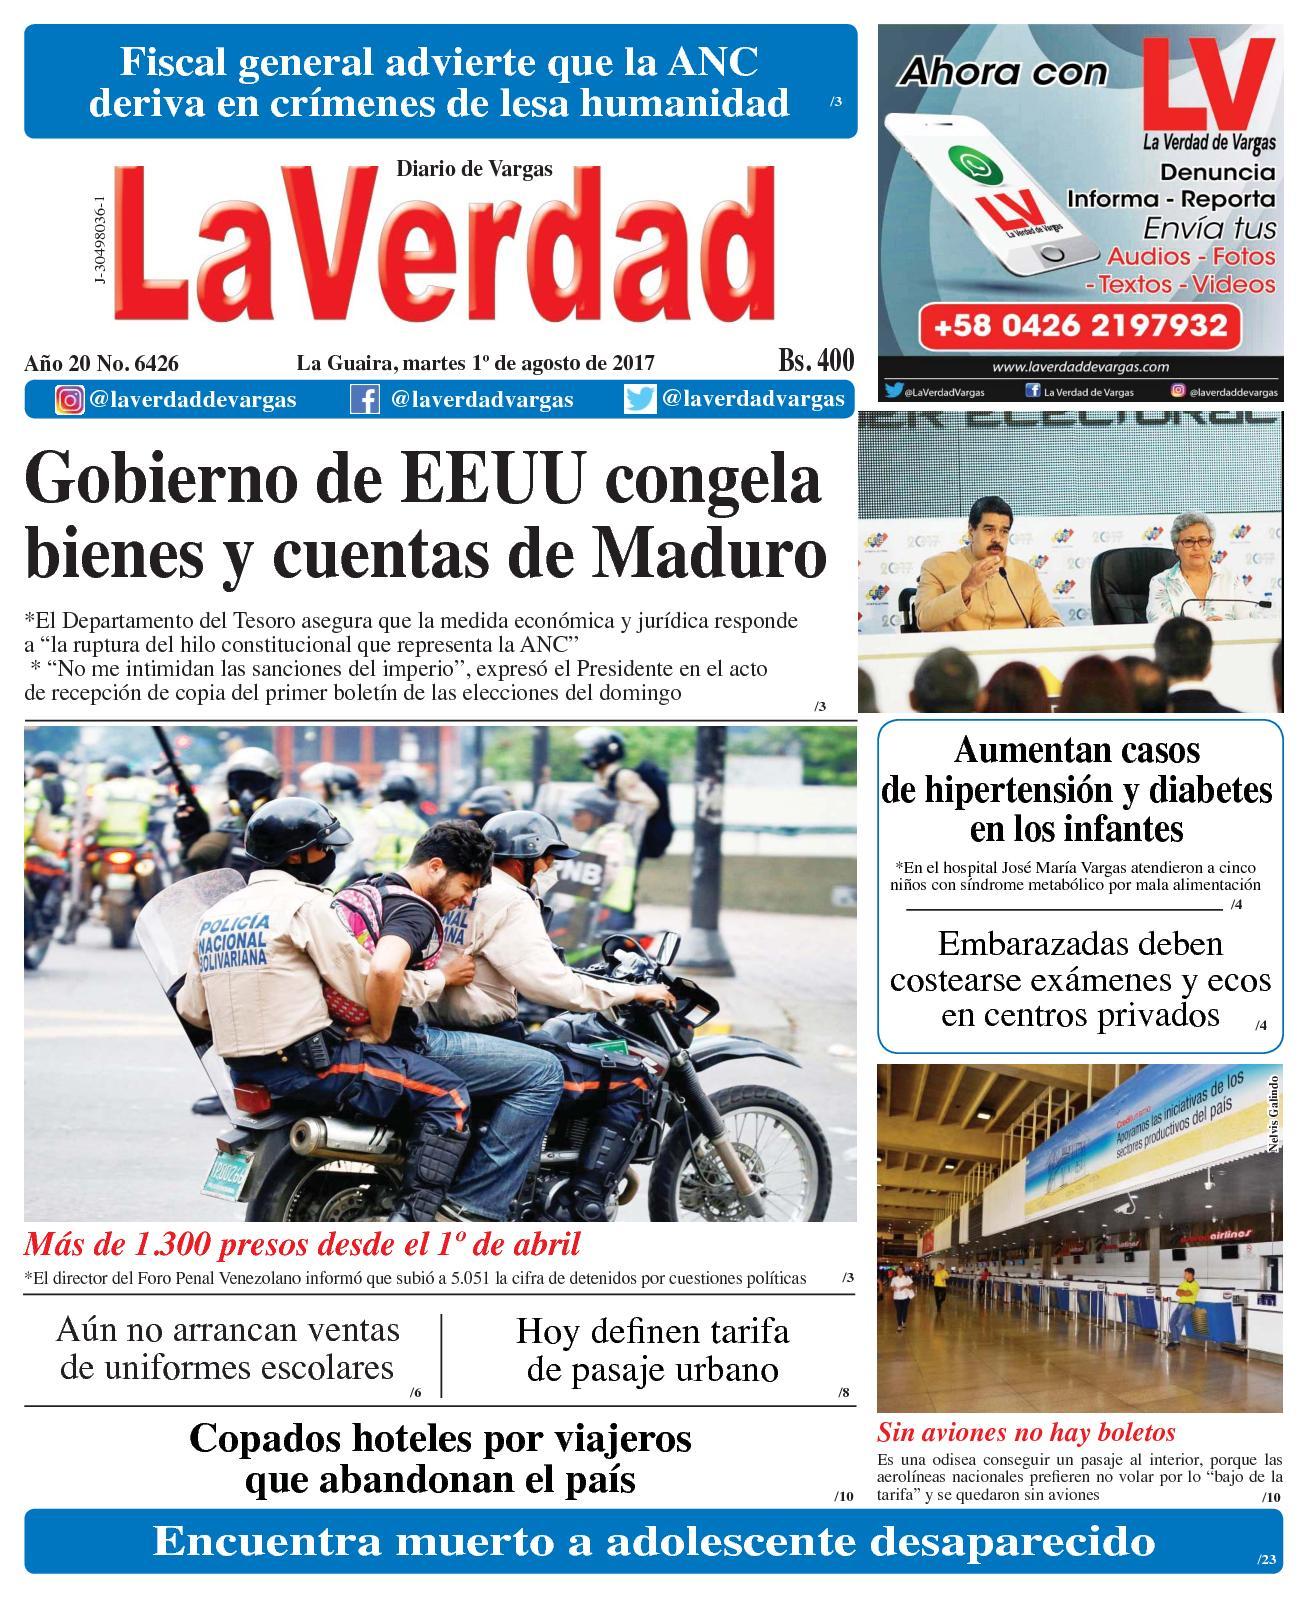 La Guaira, martes 1de Agosto de 2017. Año 20 No. 6426